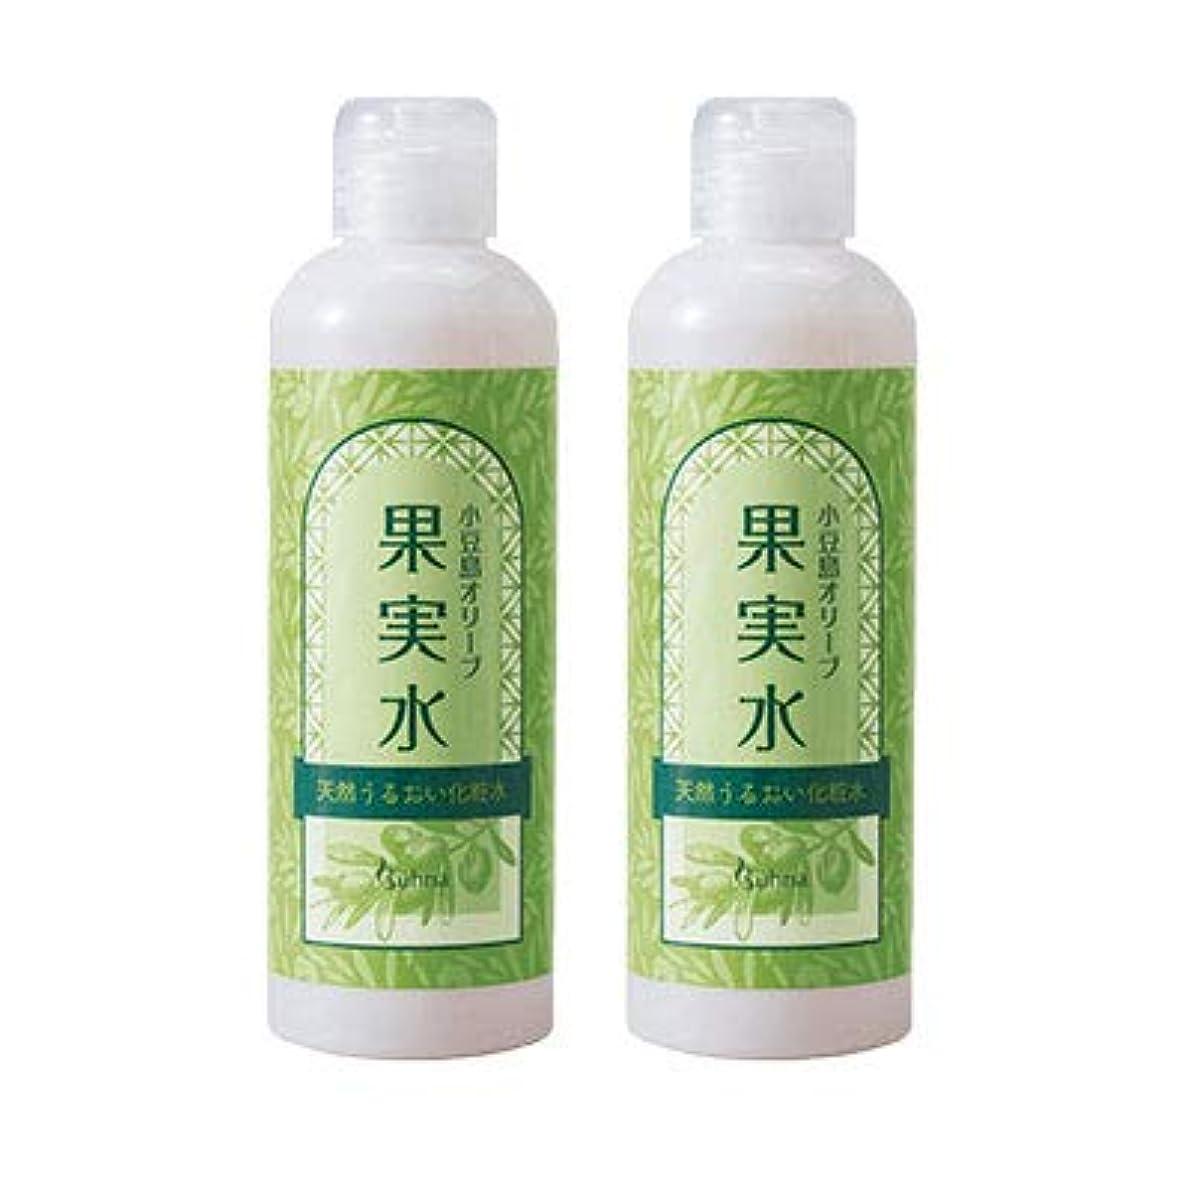 近代化する終了しましたおビューナ 小豆島オリーブ果実水【2本セット】 化粧水 保湿 オリーブオイル 無着色